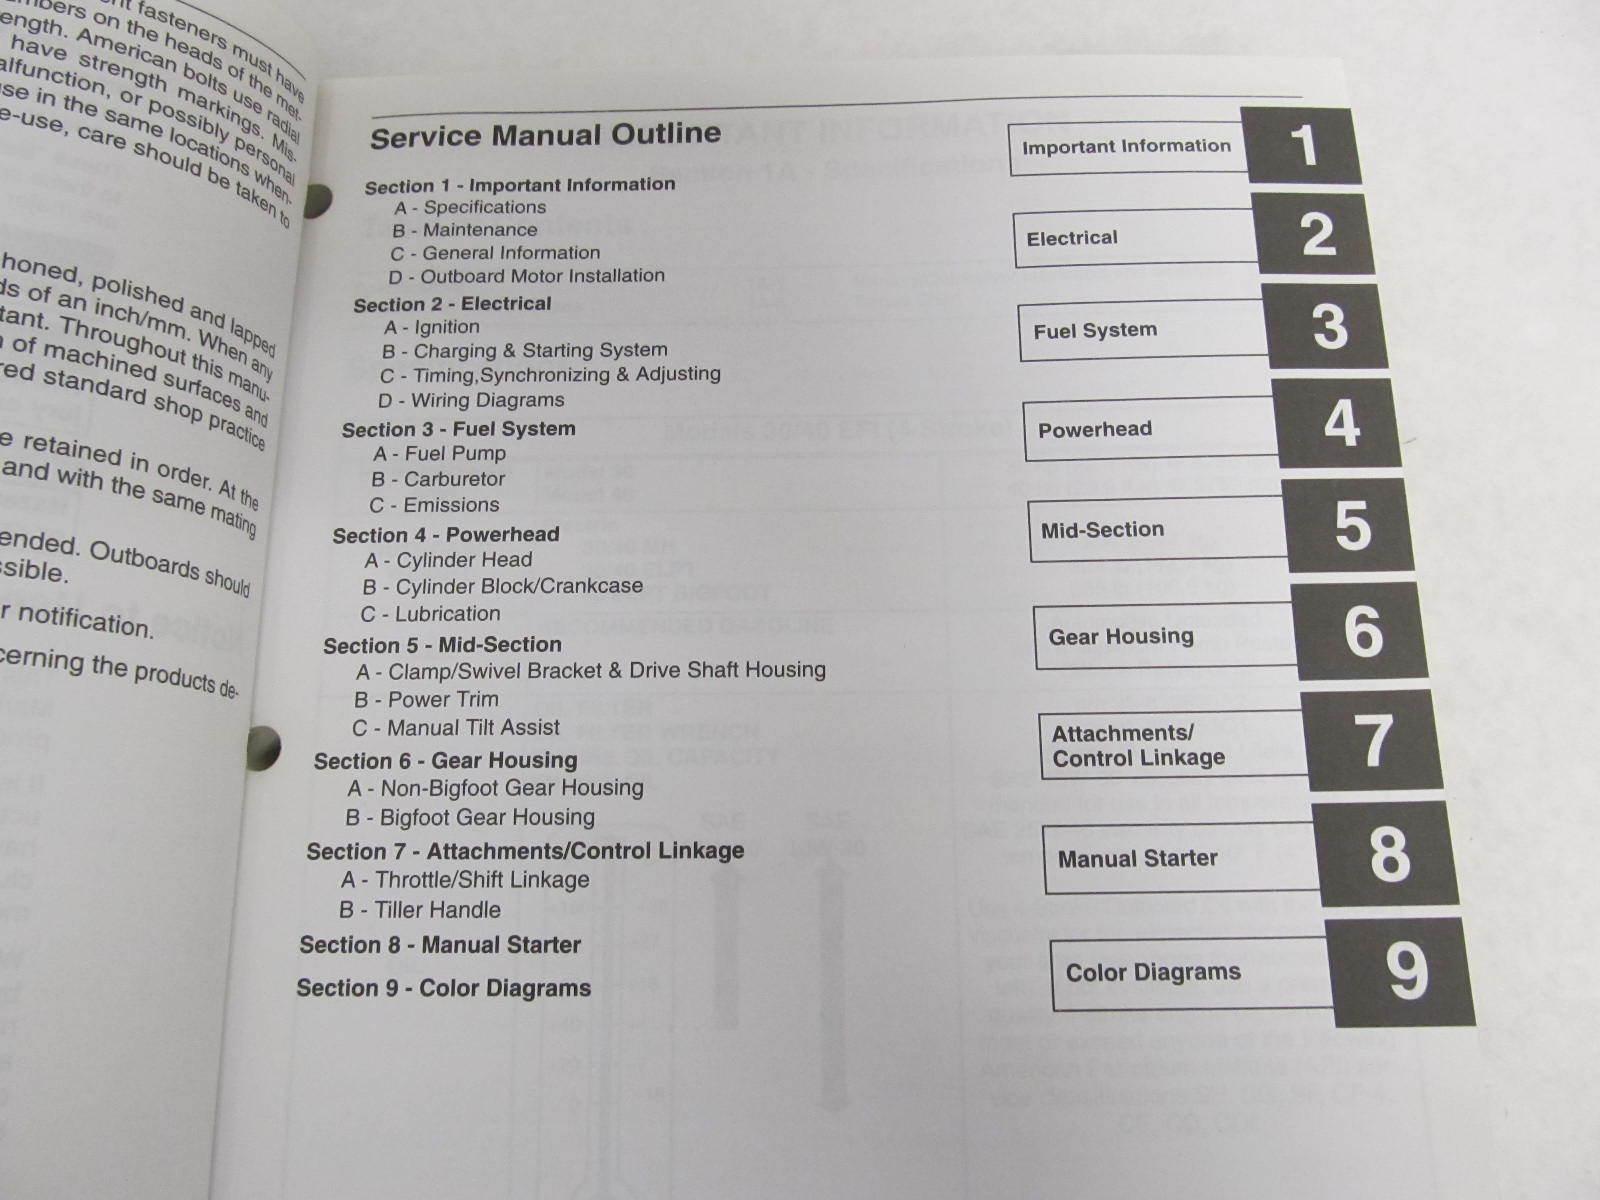 2001 mercury Outboard Repair Manual download Free